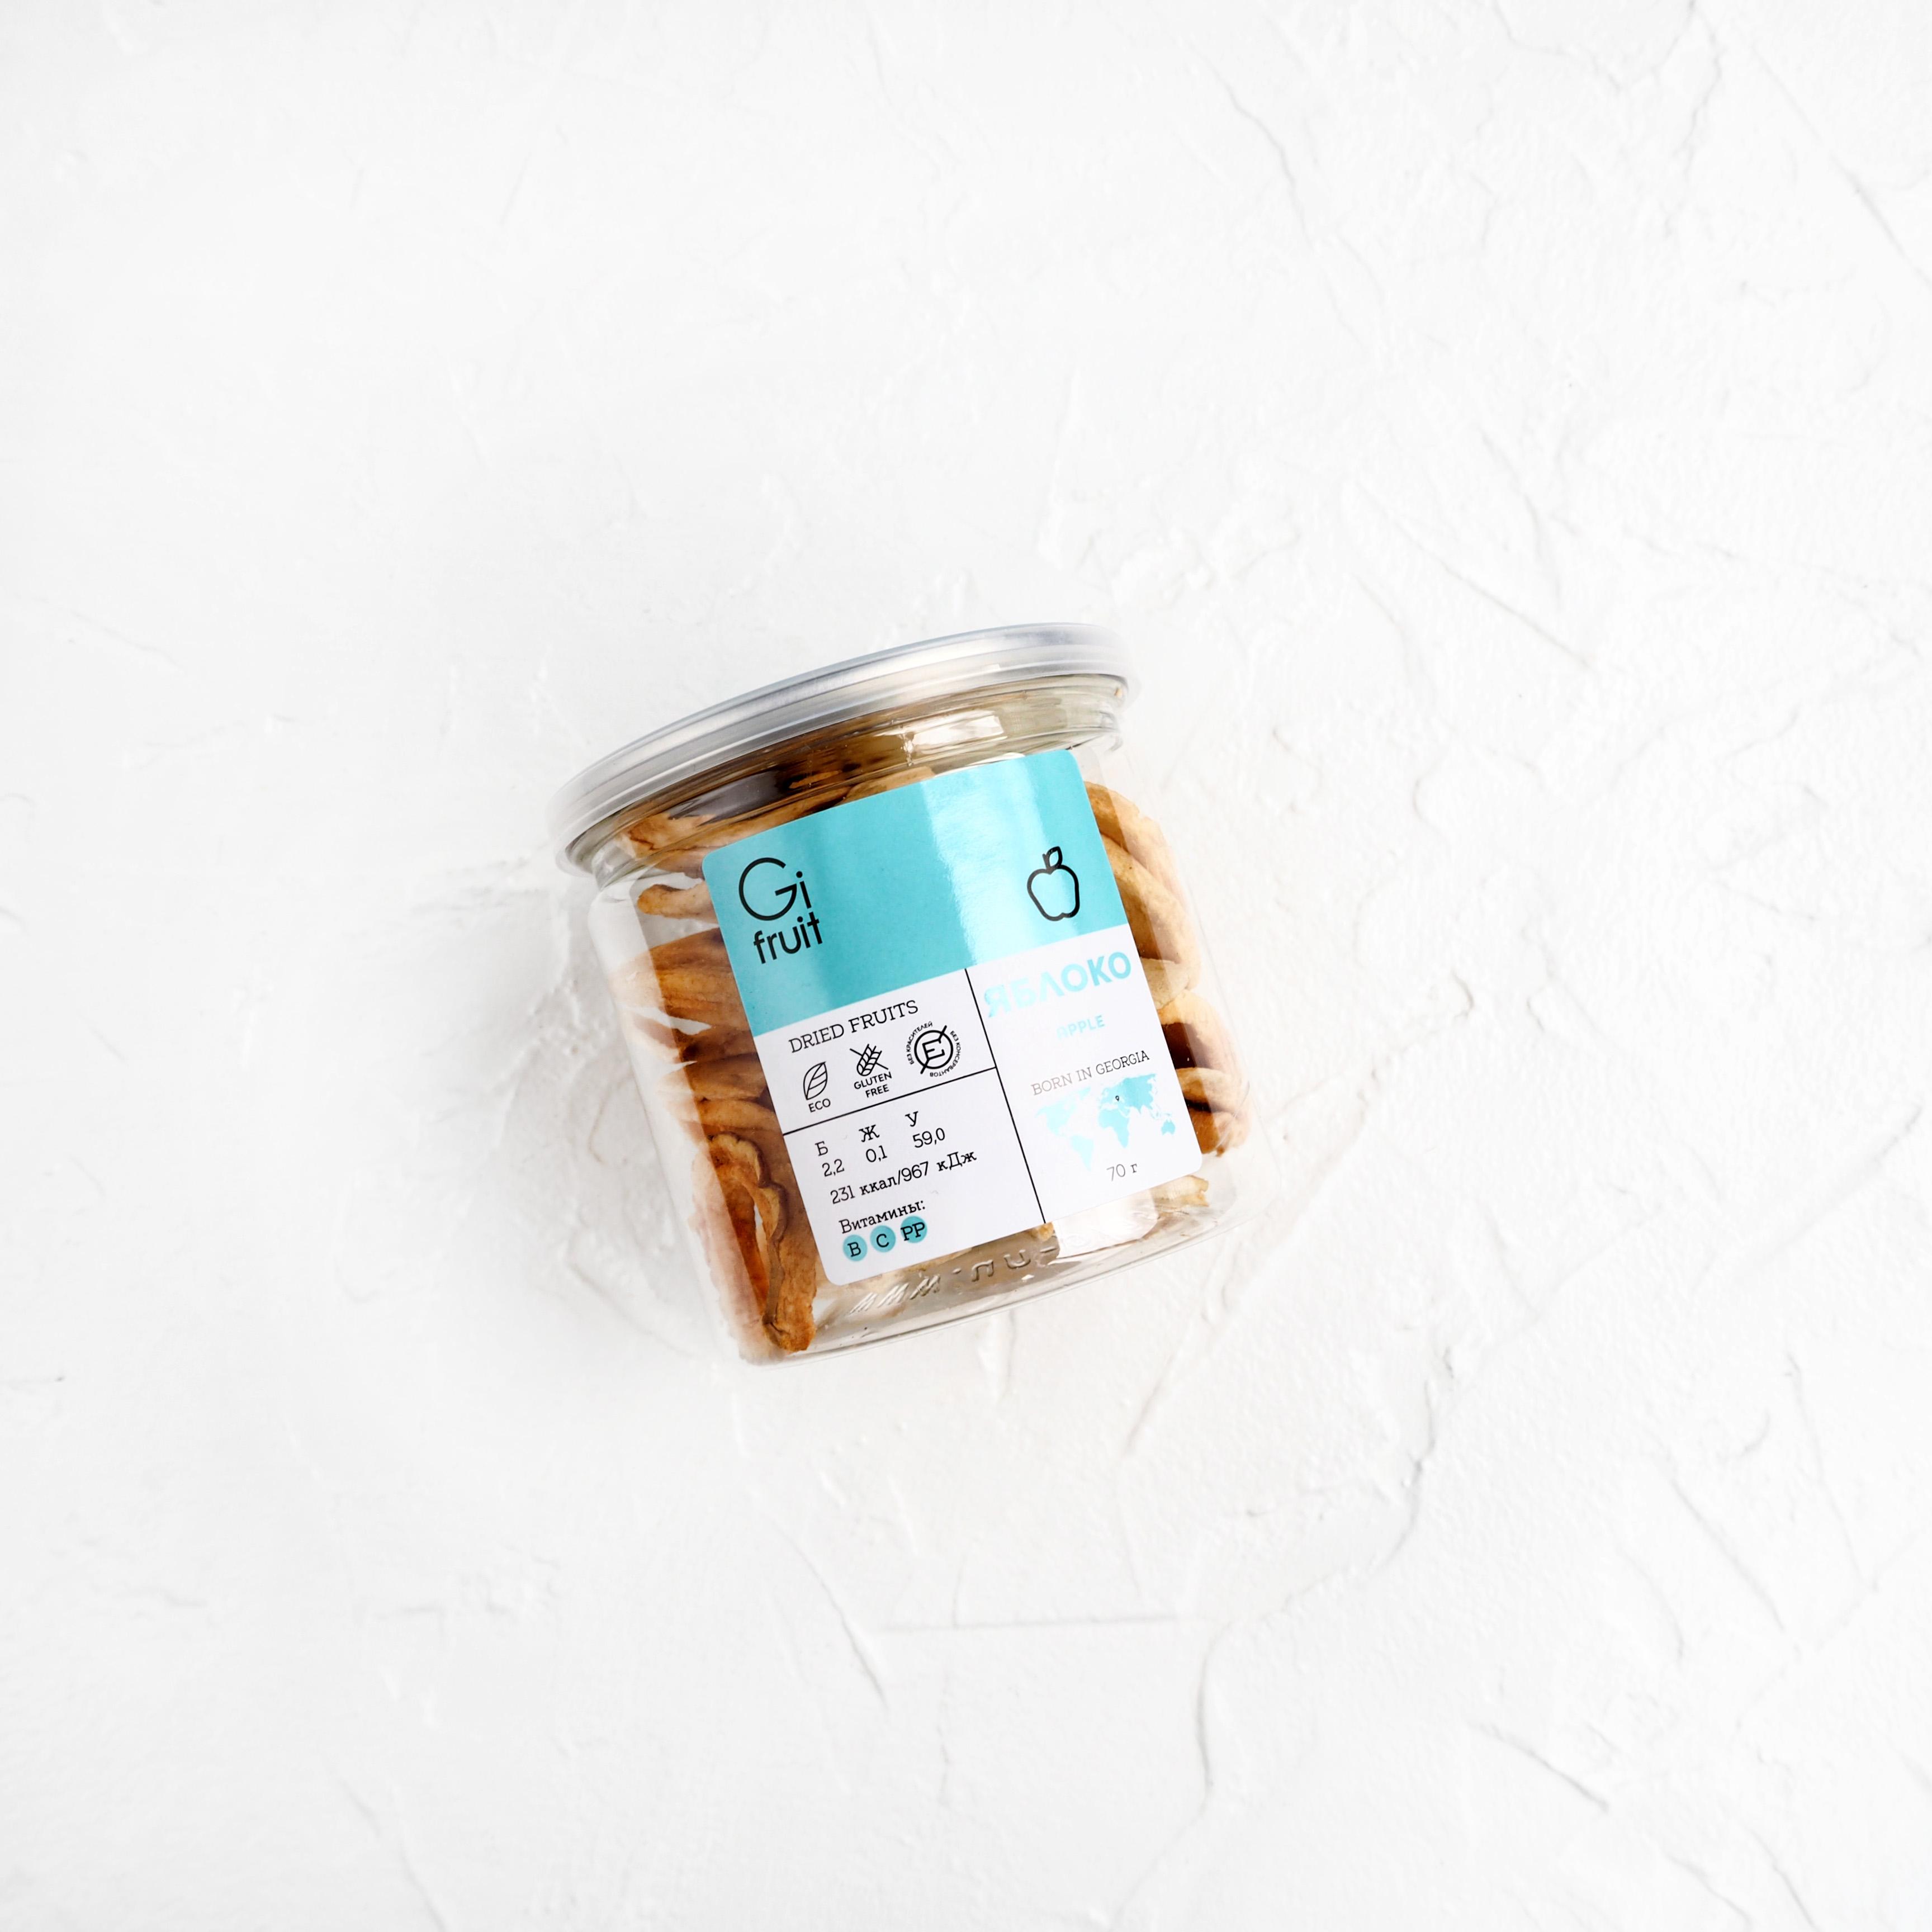 Сушёные яблоки (1 шт., 70 г)